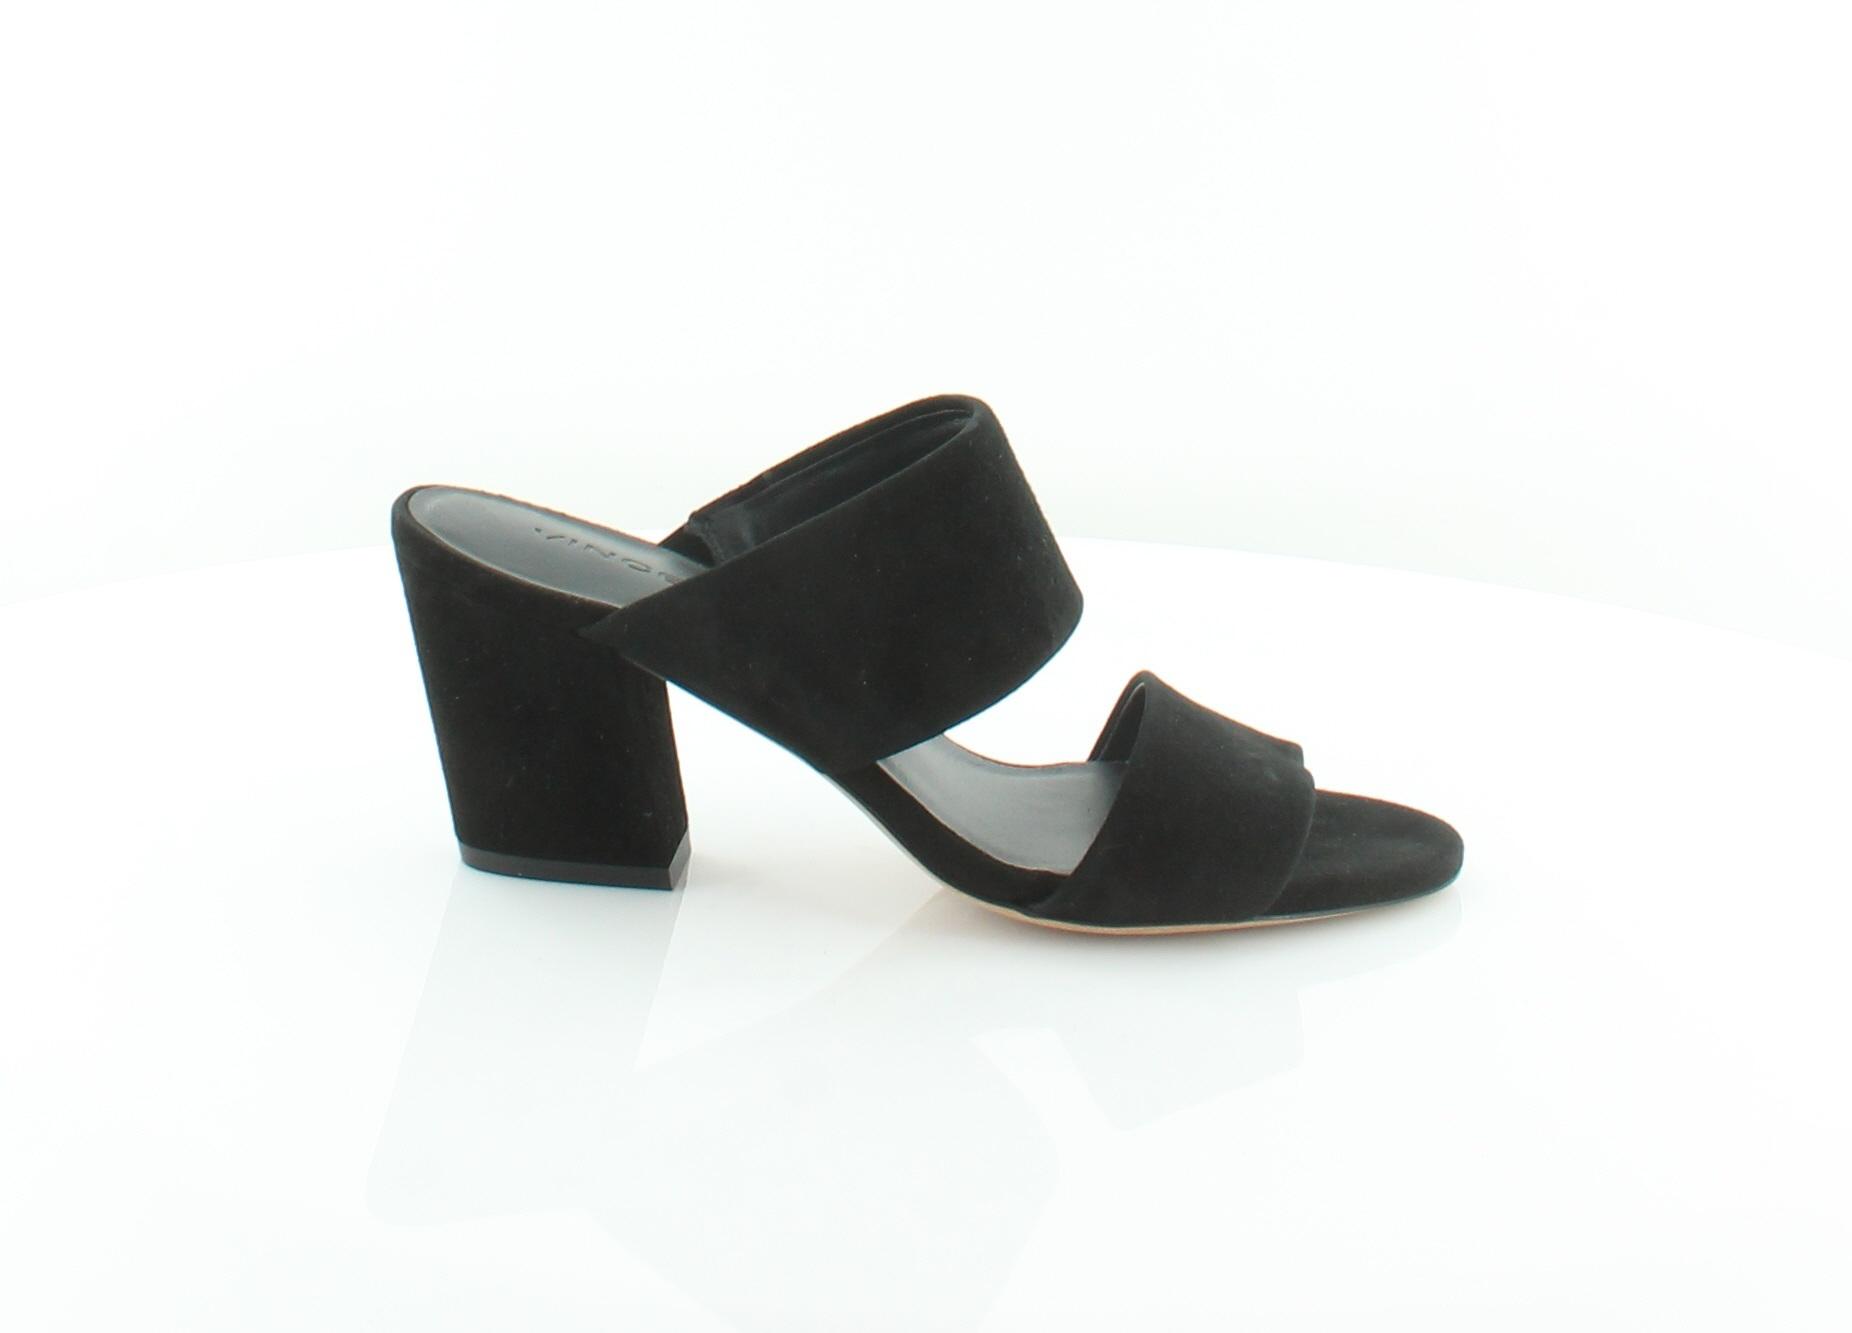 VINCE Benetta nero donna scarpe Dimensione 7 M Sandals MSRP  295